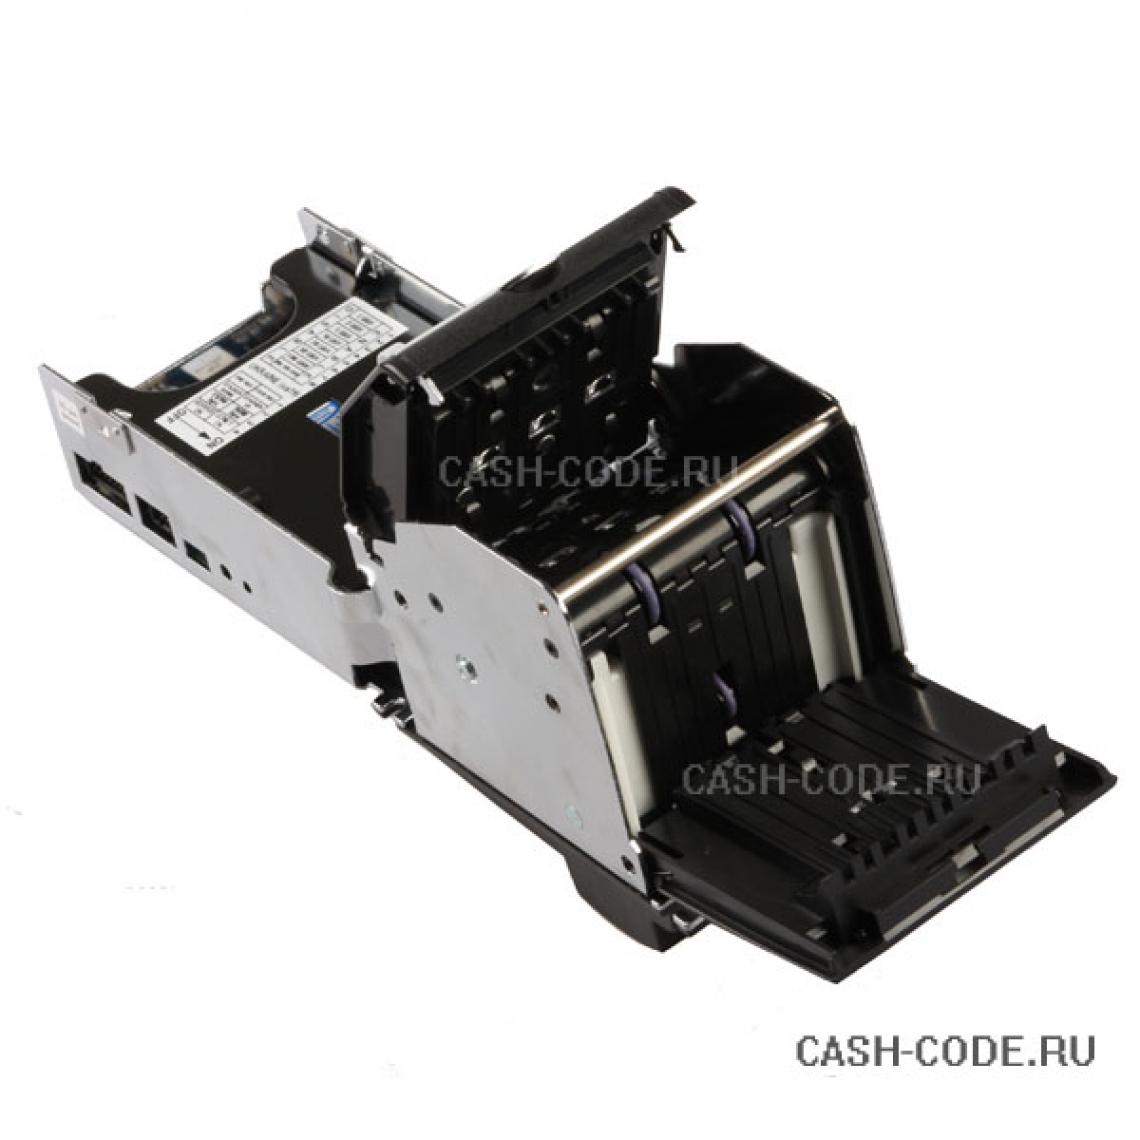 cashcodeMSM_3